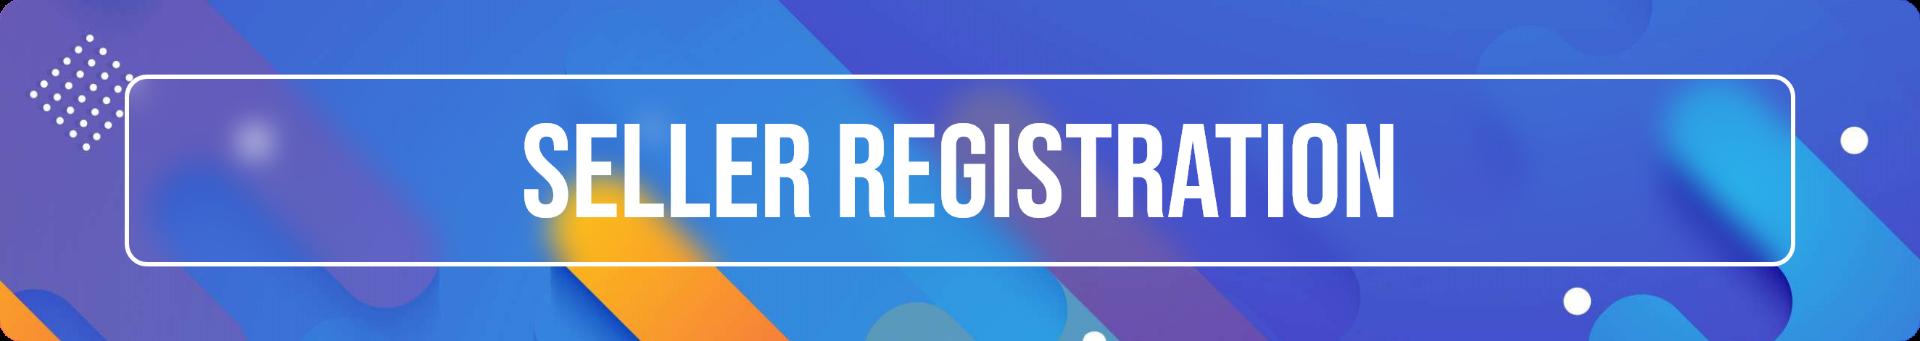 Star Hangar - Seller Registration